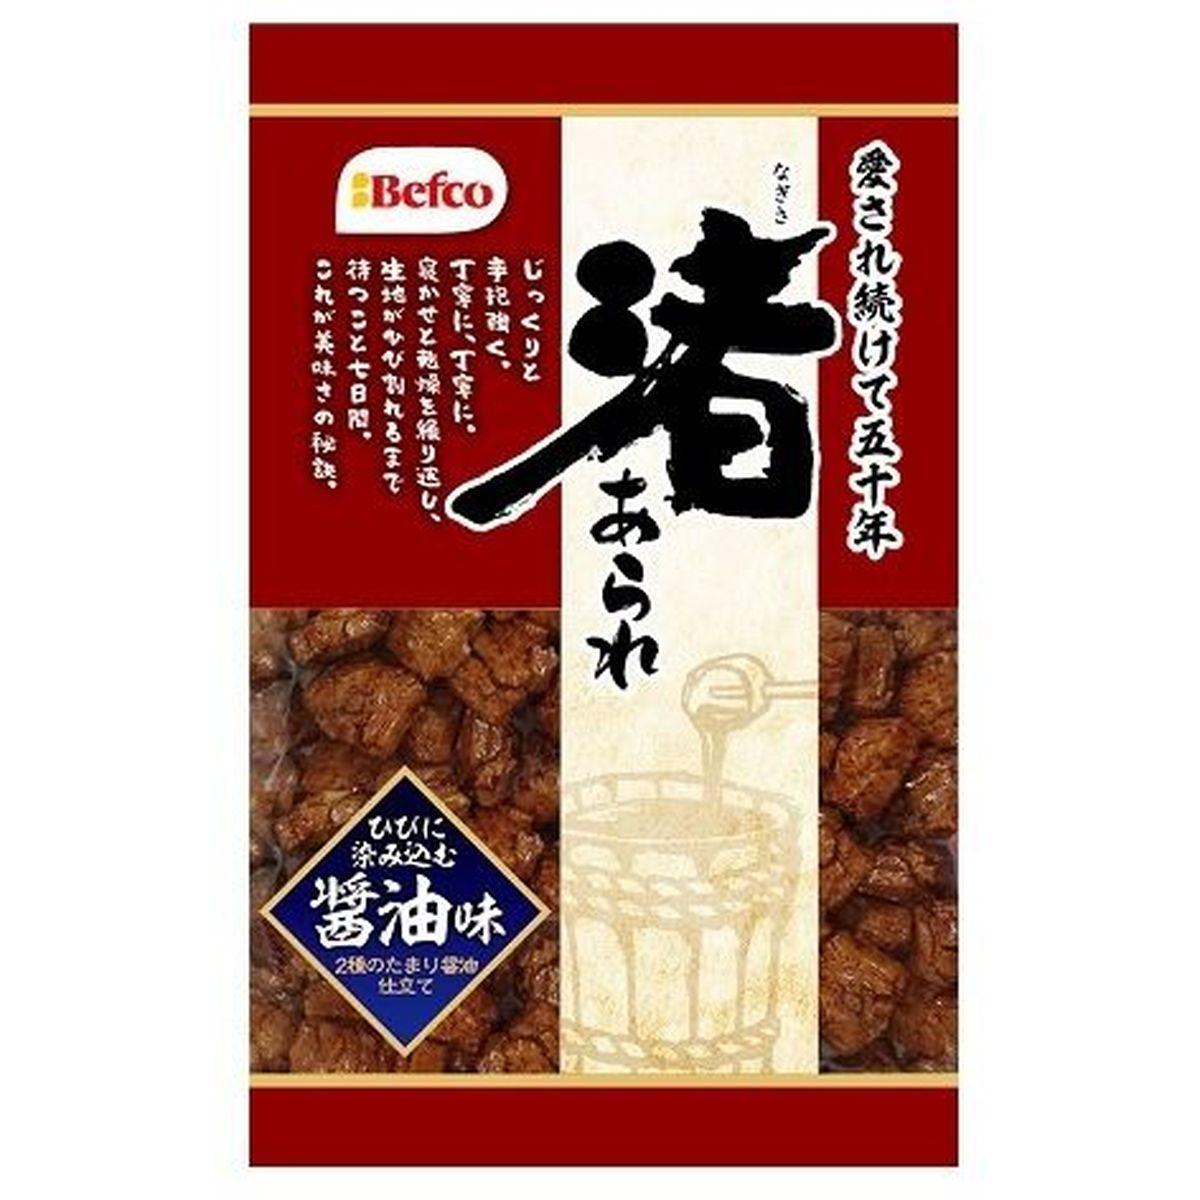 【送料無料】栗山米菓 渚あられ しょうゆ 50g x 10